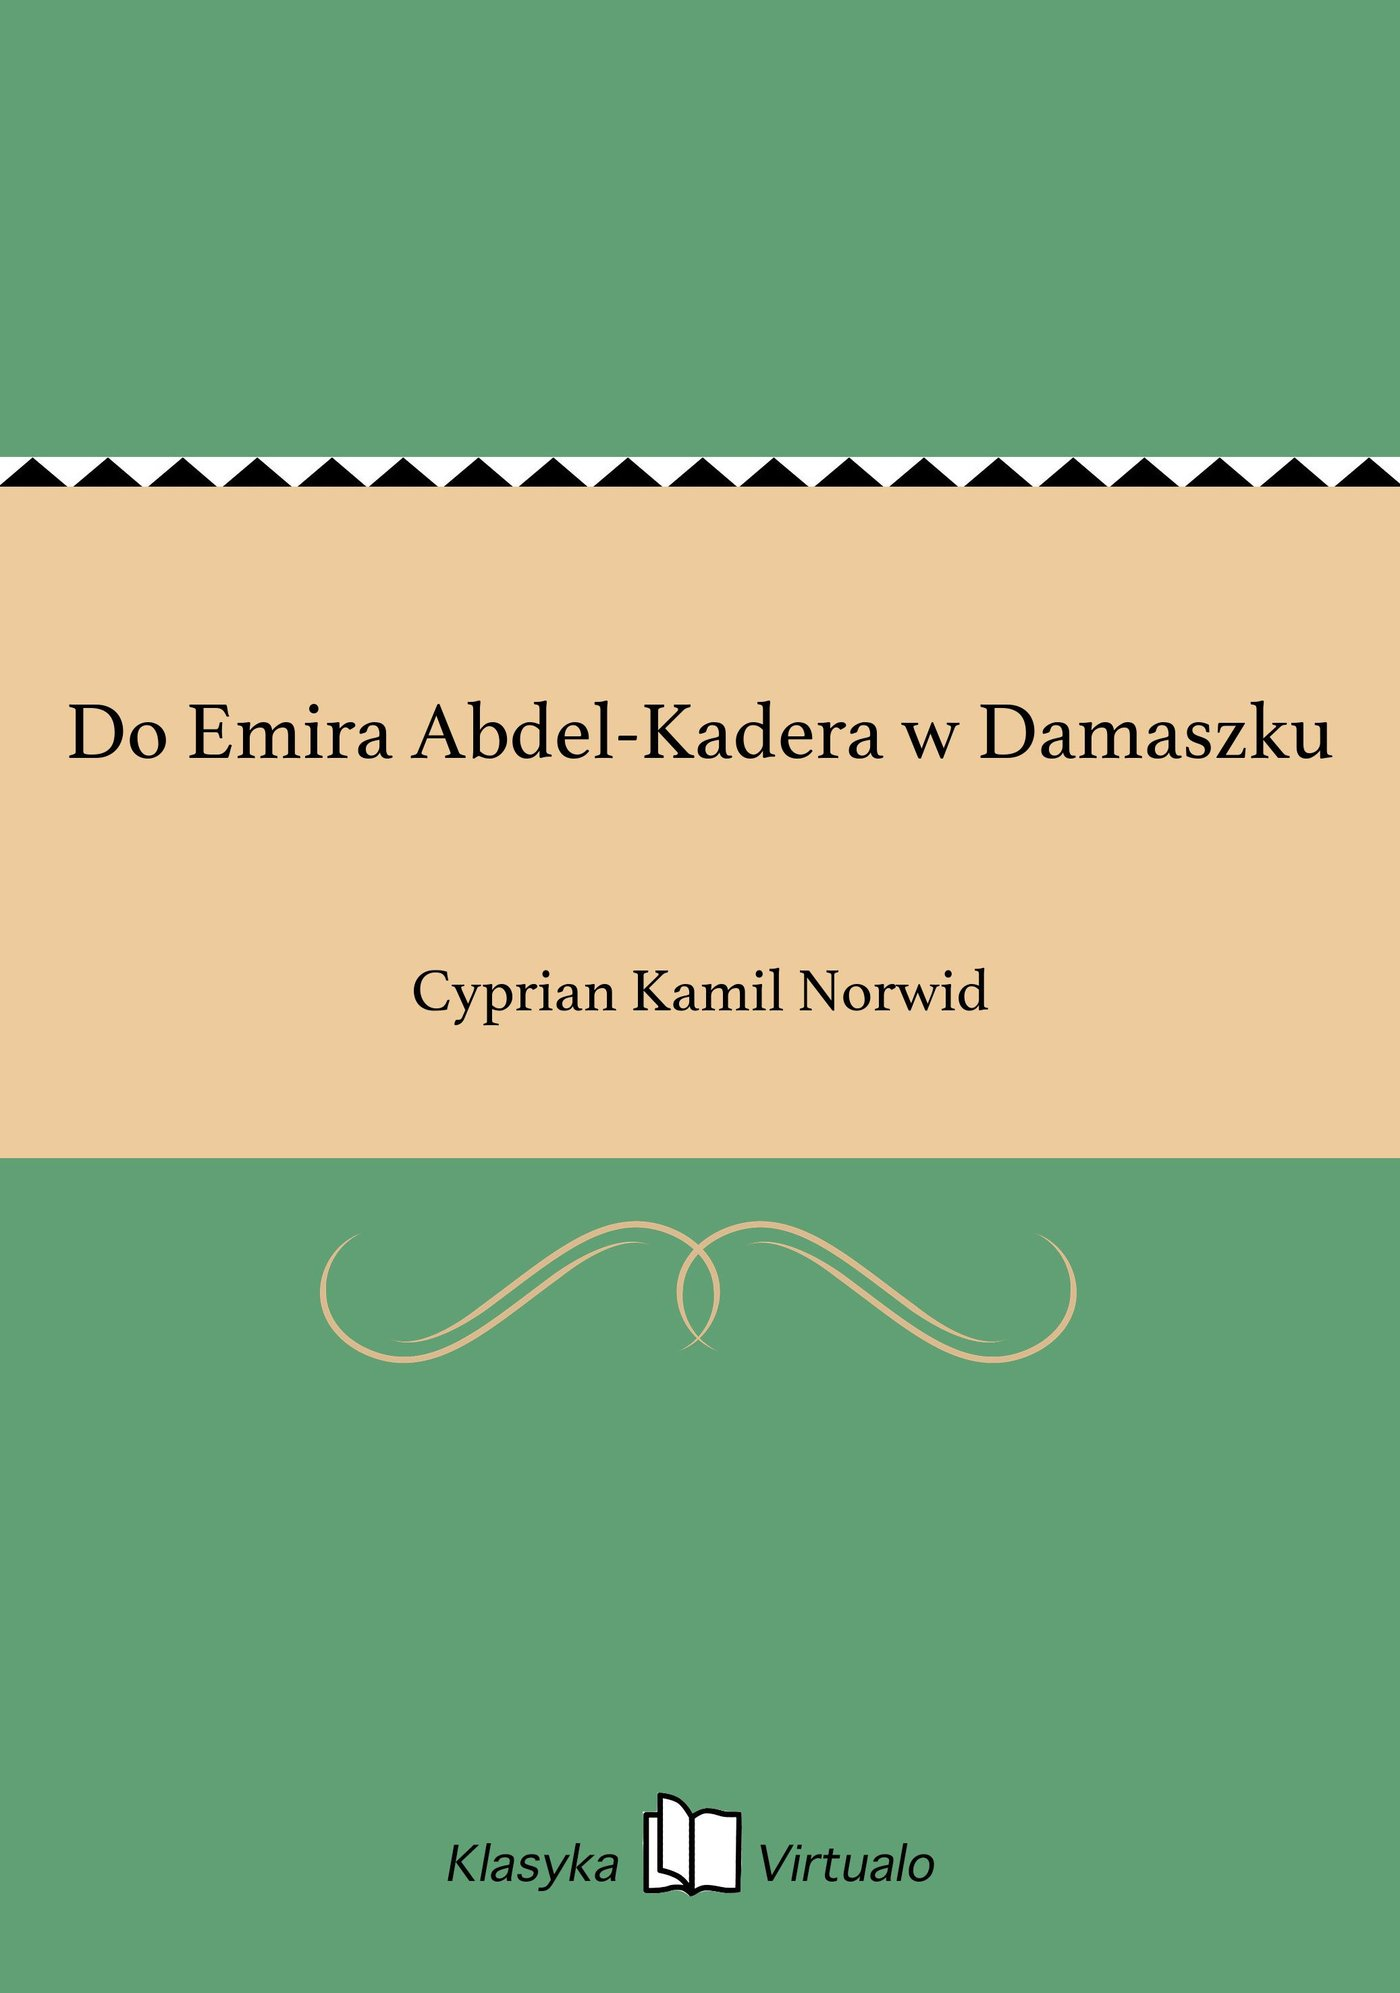 Do Emira Abdel-Kadera w Damaszku - Ebook (Książka EPUB) do pobrania w formacie EPUB